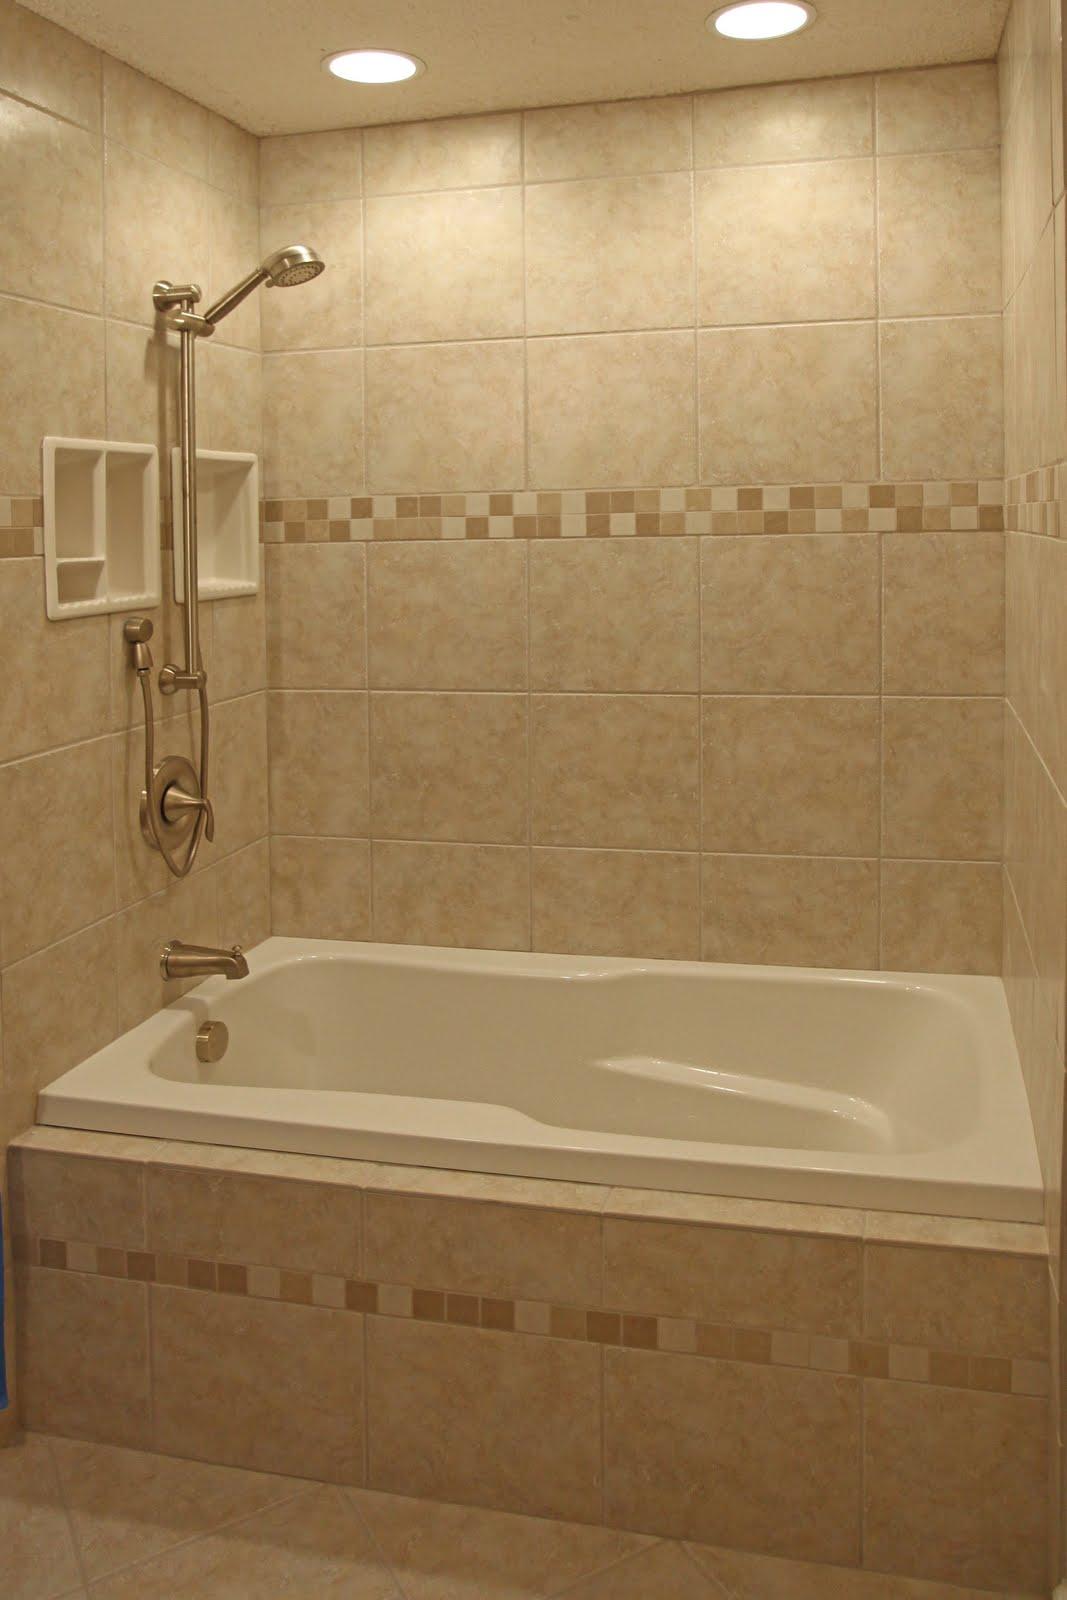 6 Tile Bathroom Shower Design 8 9 11 12